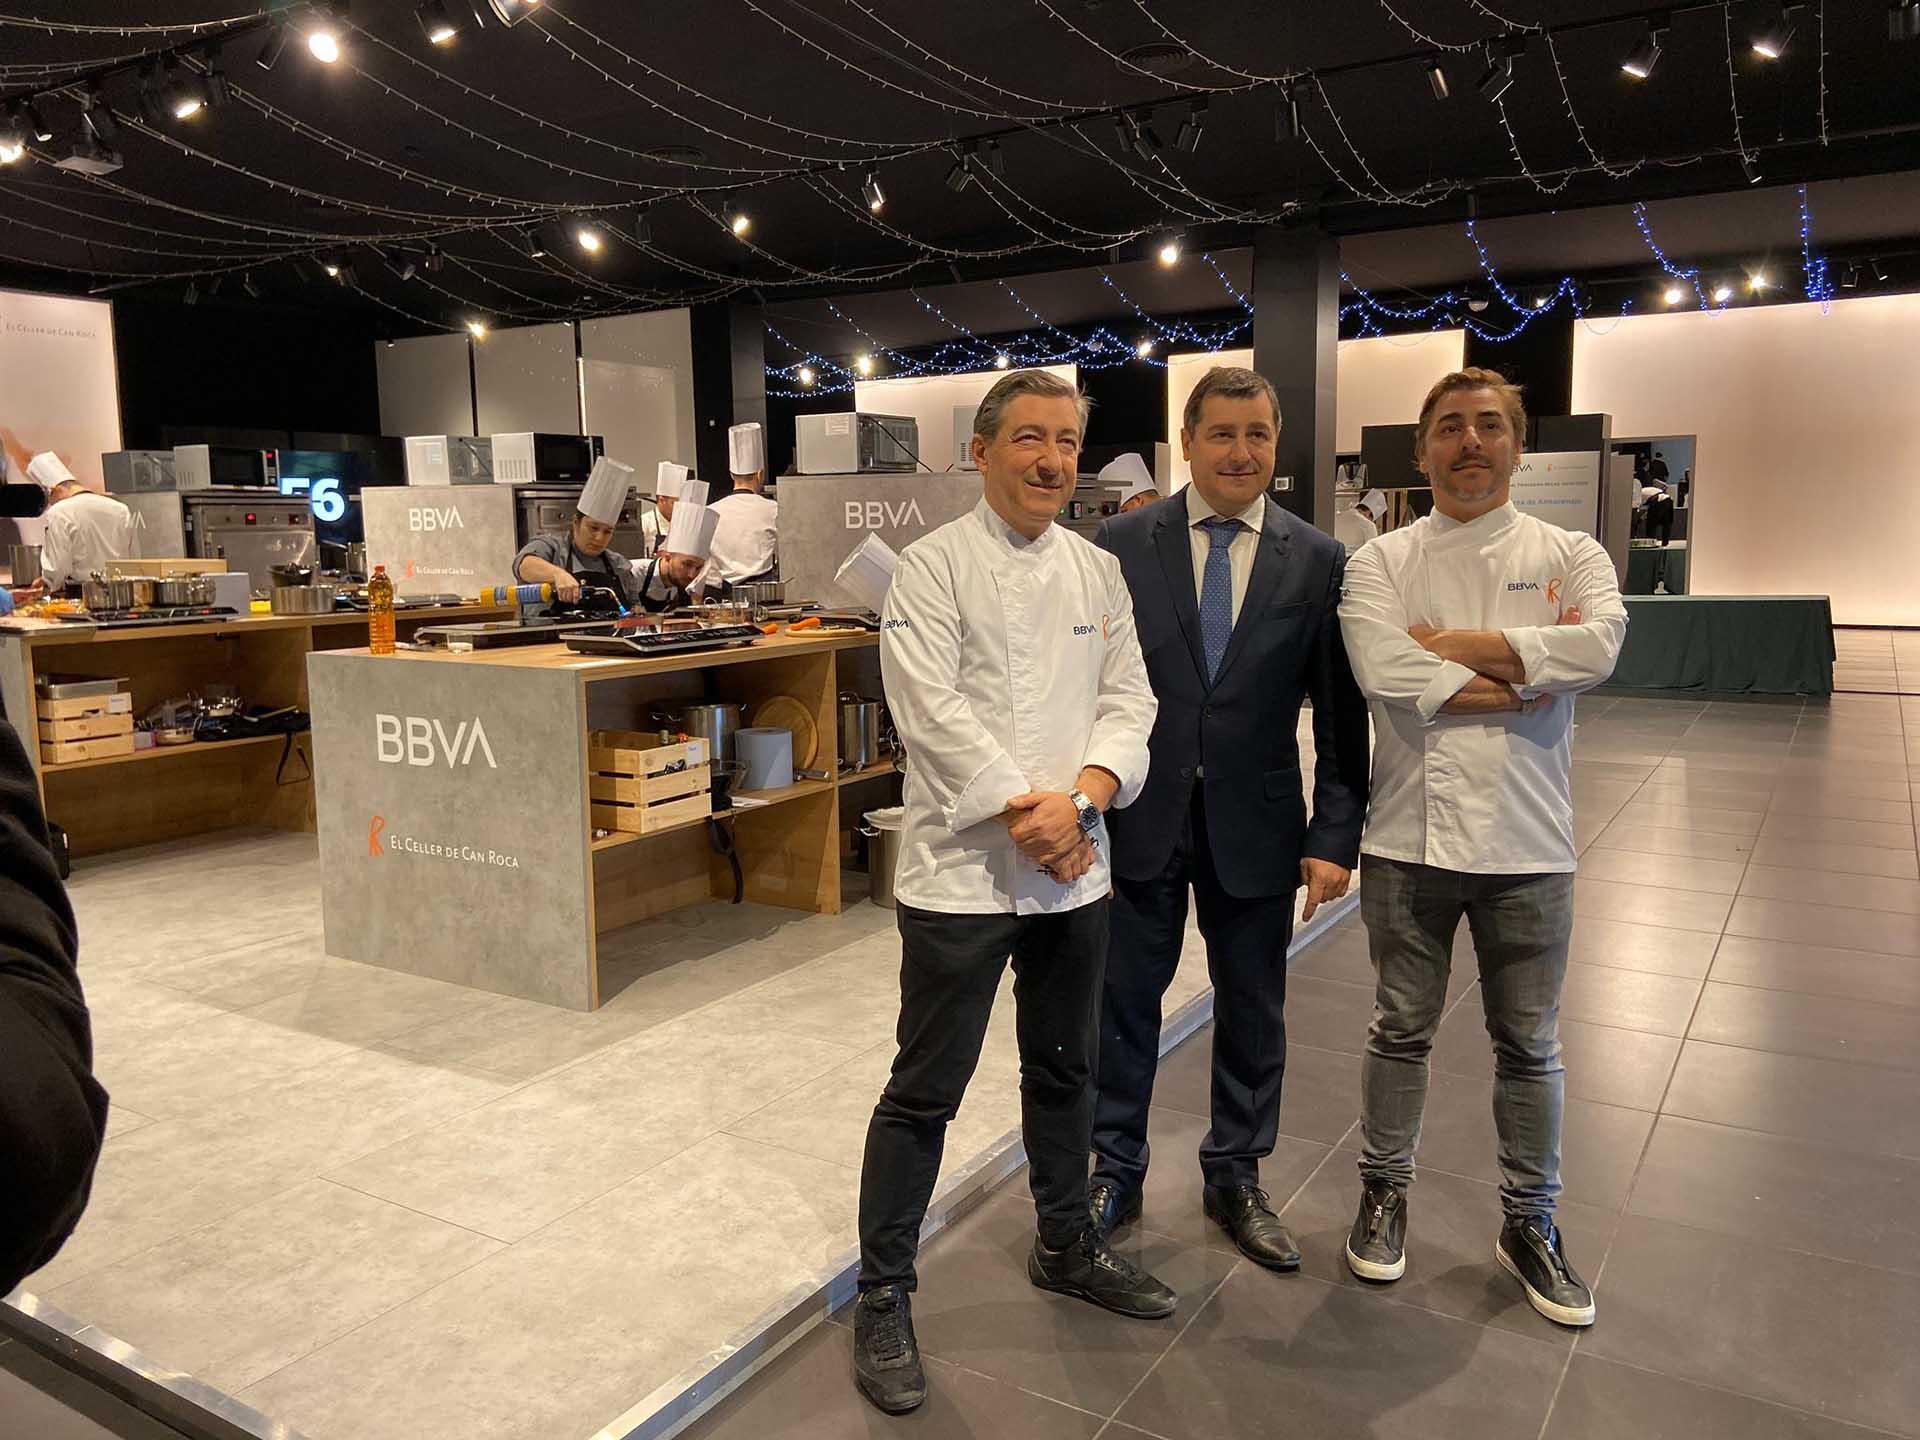 Evento entrega becas hostelería BBVA diseño de cocinas